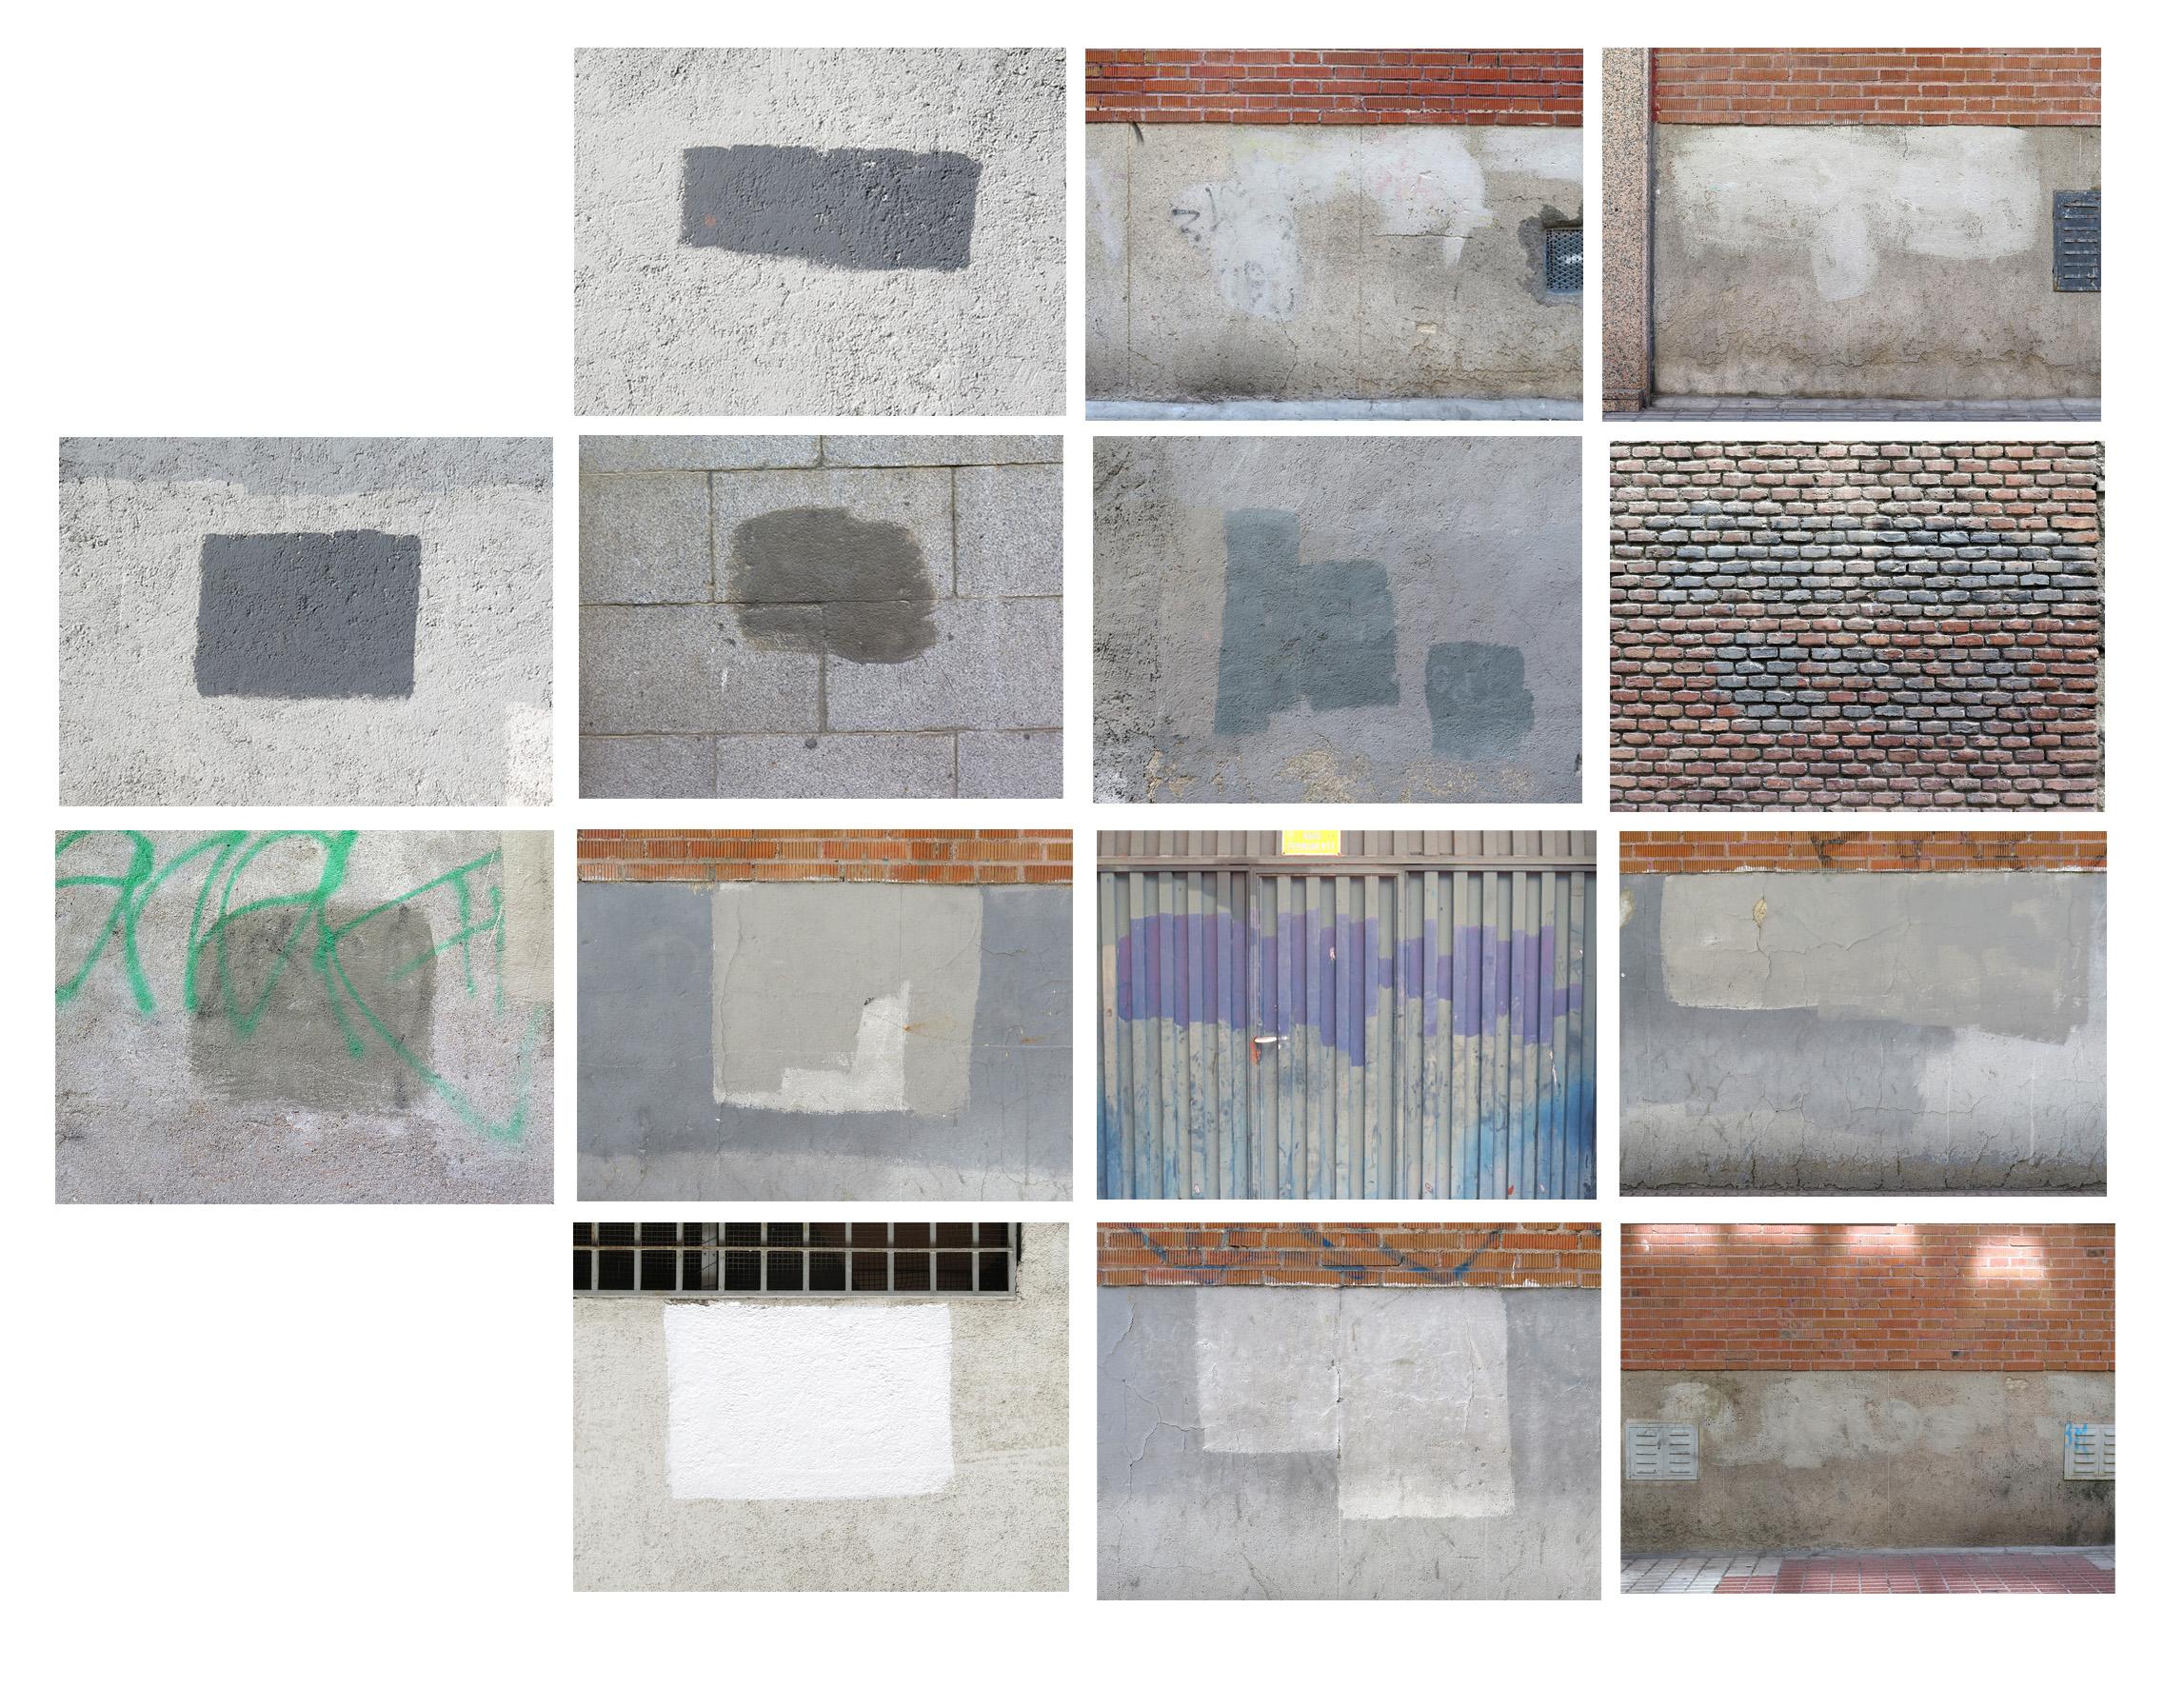 Maricel Delgado. Fracasa mejor, 2015 Impresión por inyección de tintas 25 fotografías_ 21 x 30 cm.jpg